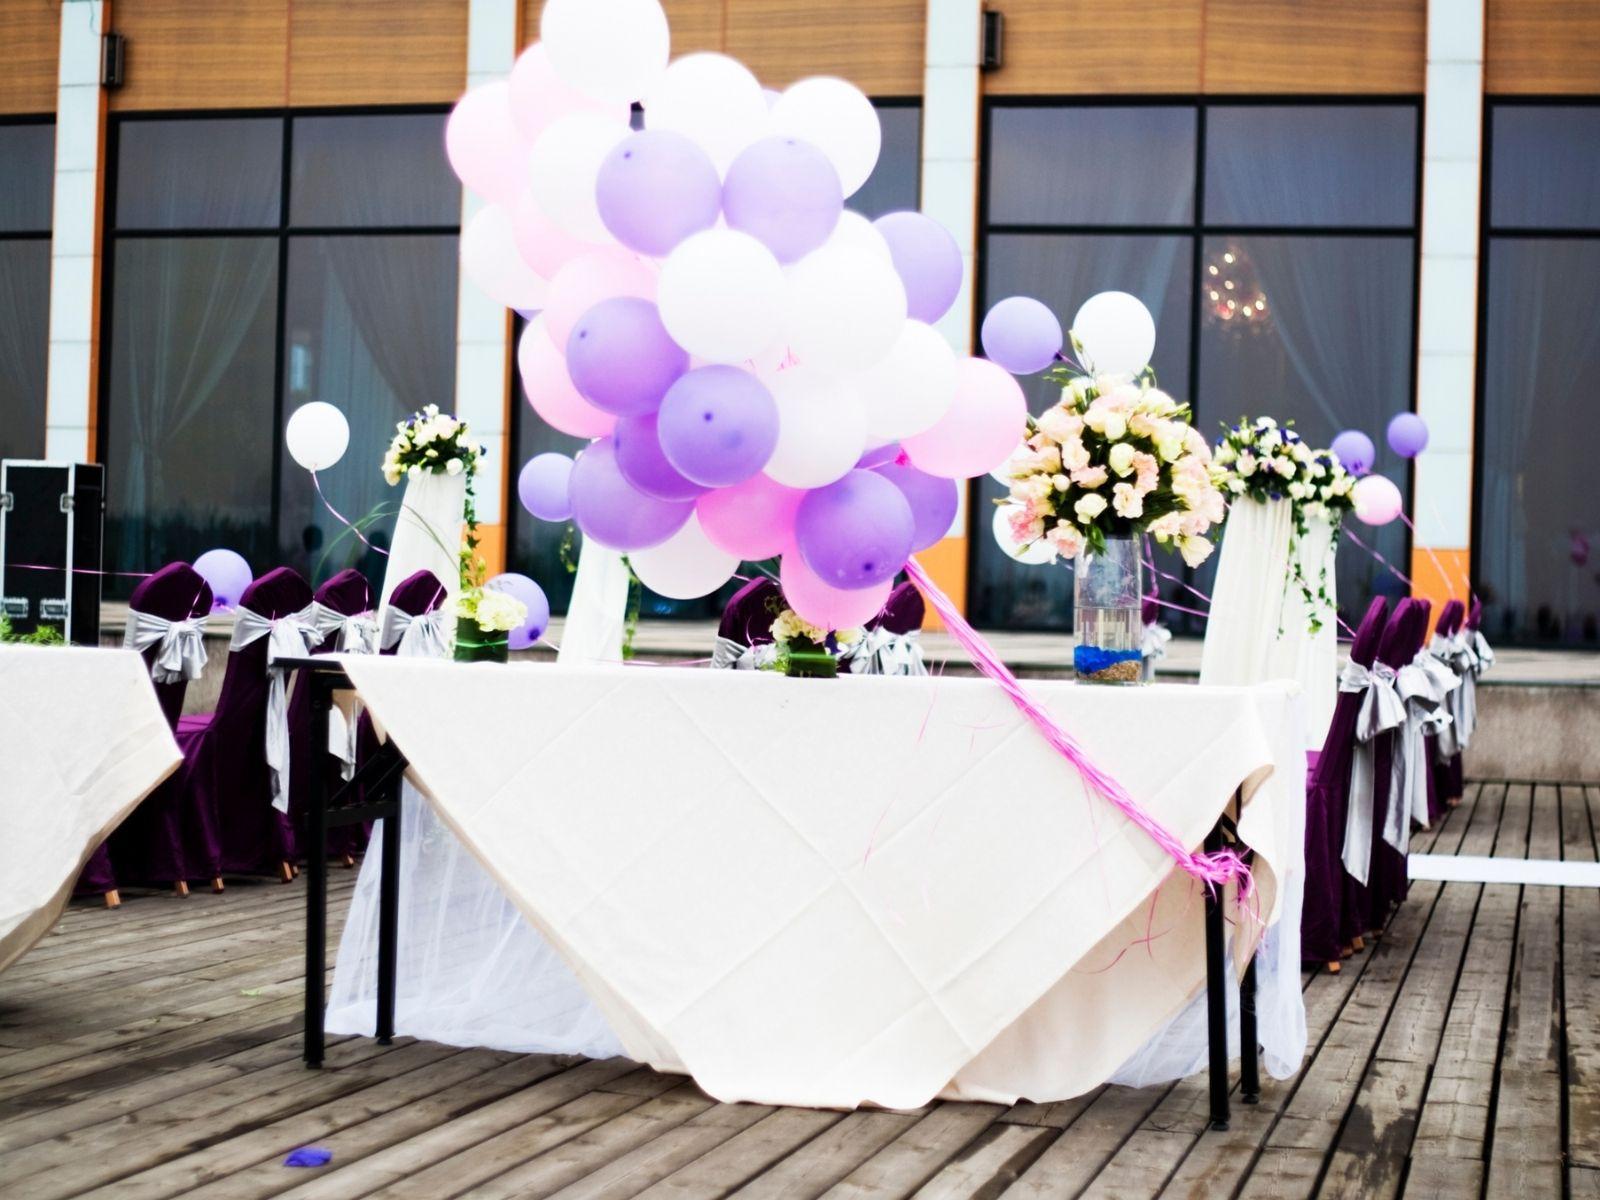 סידורי בלונים כמרכזי שולחן בחתונה